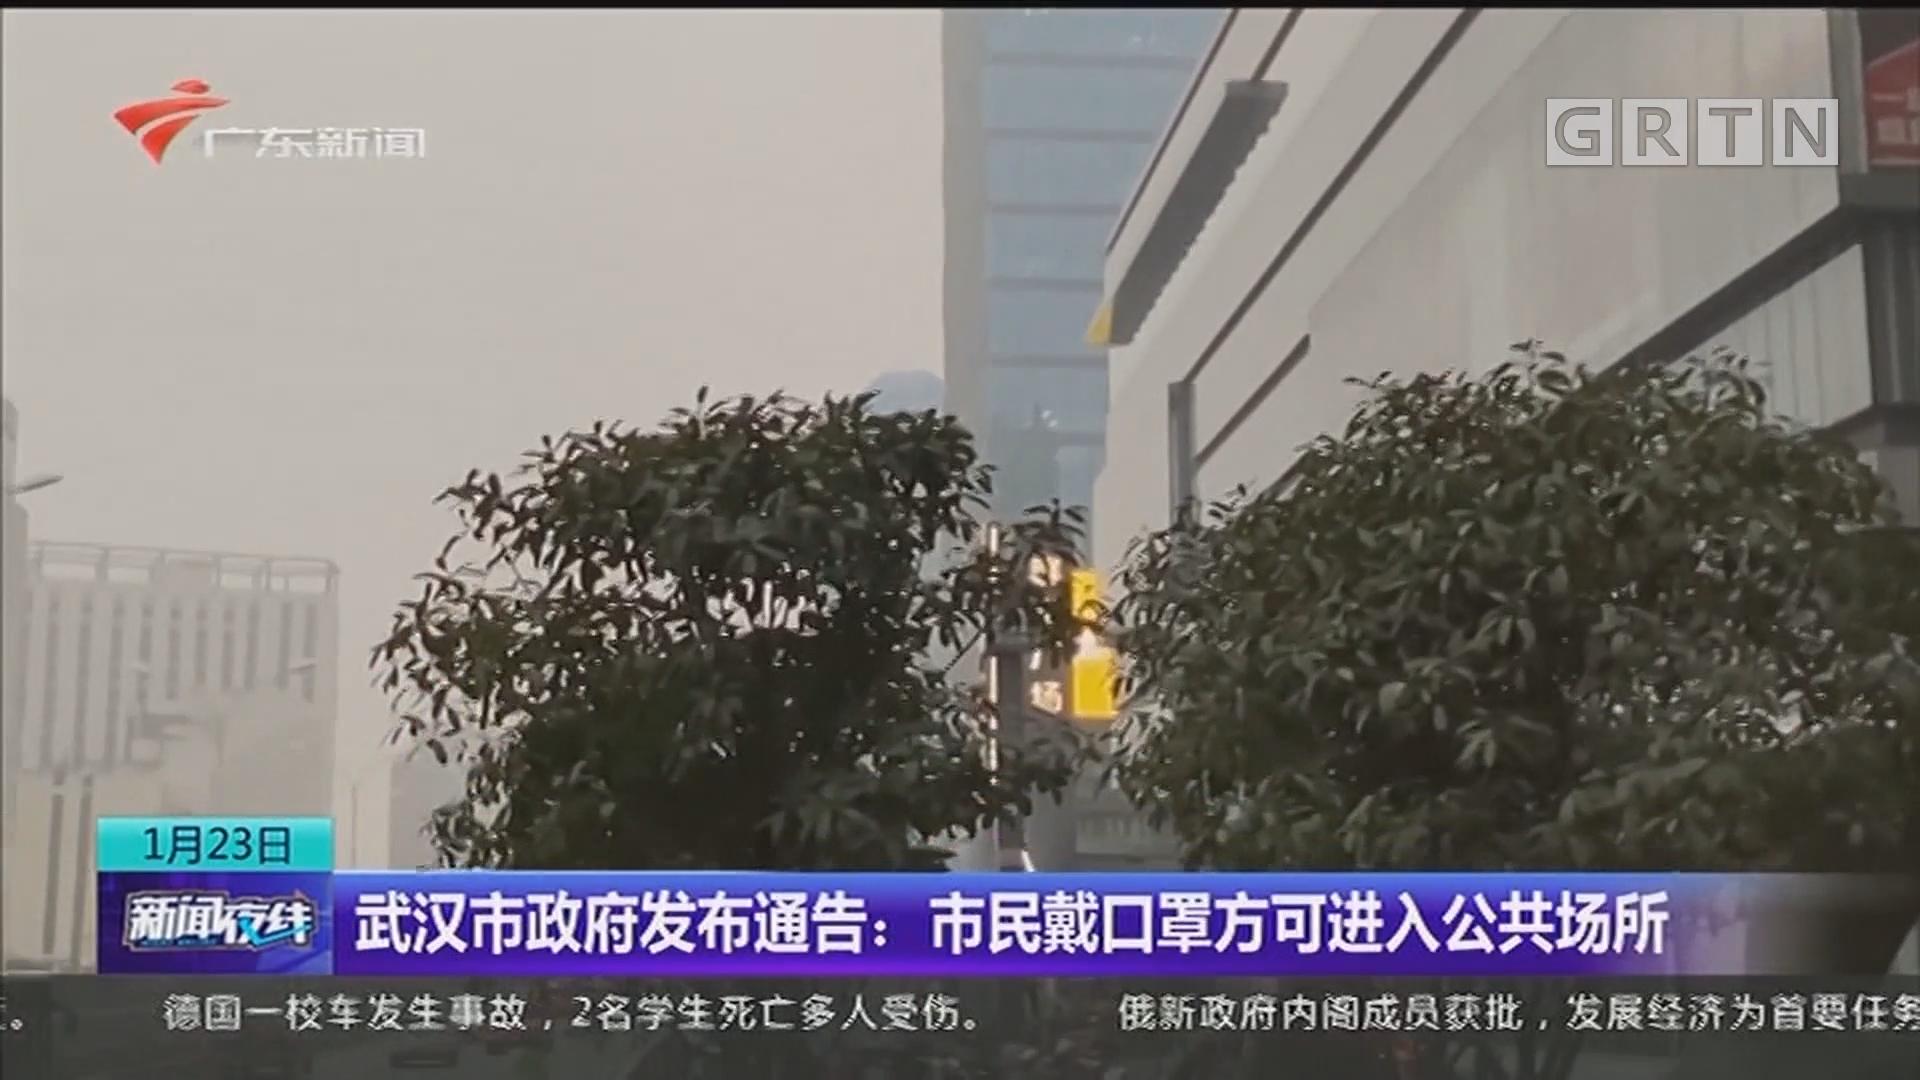 武汉市政府发布通告:市民戴口罩方可进入公共场所